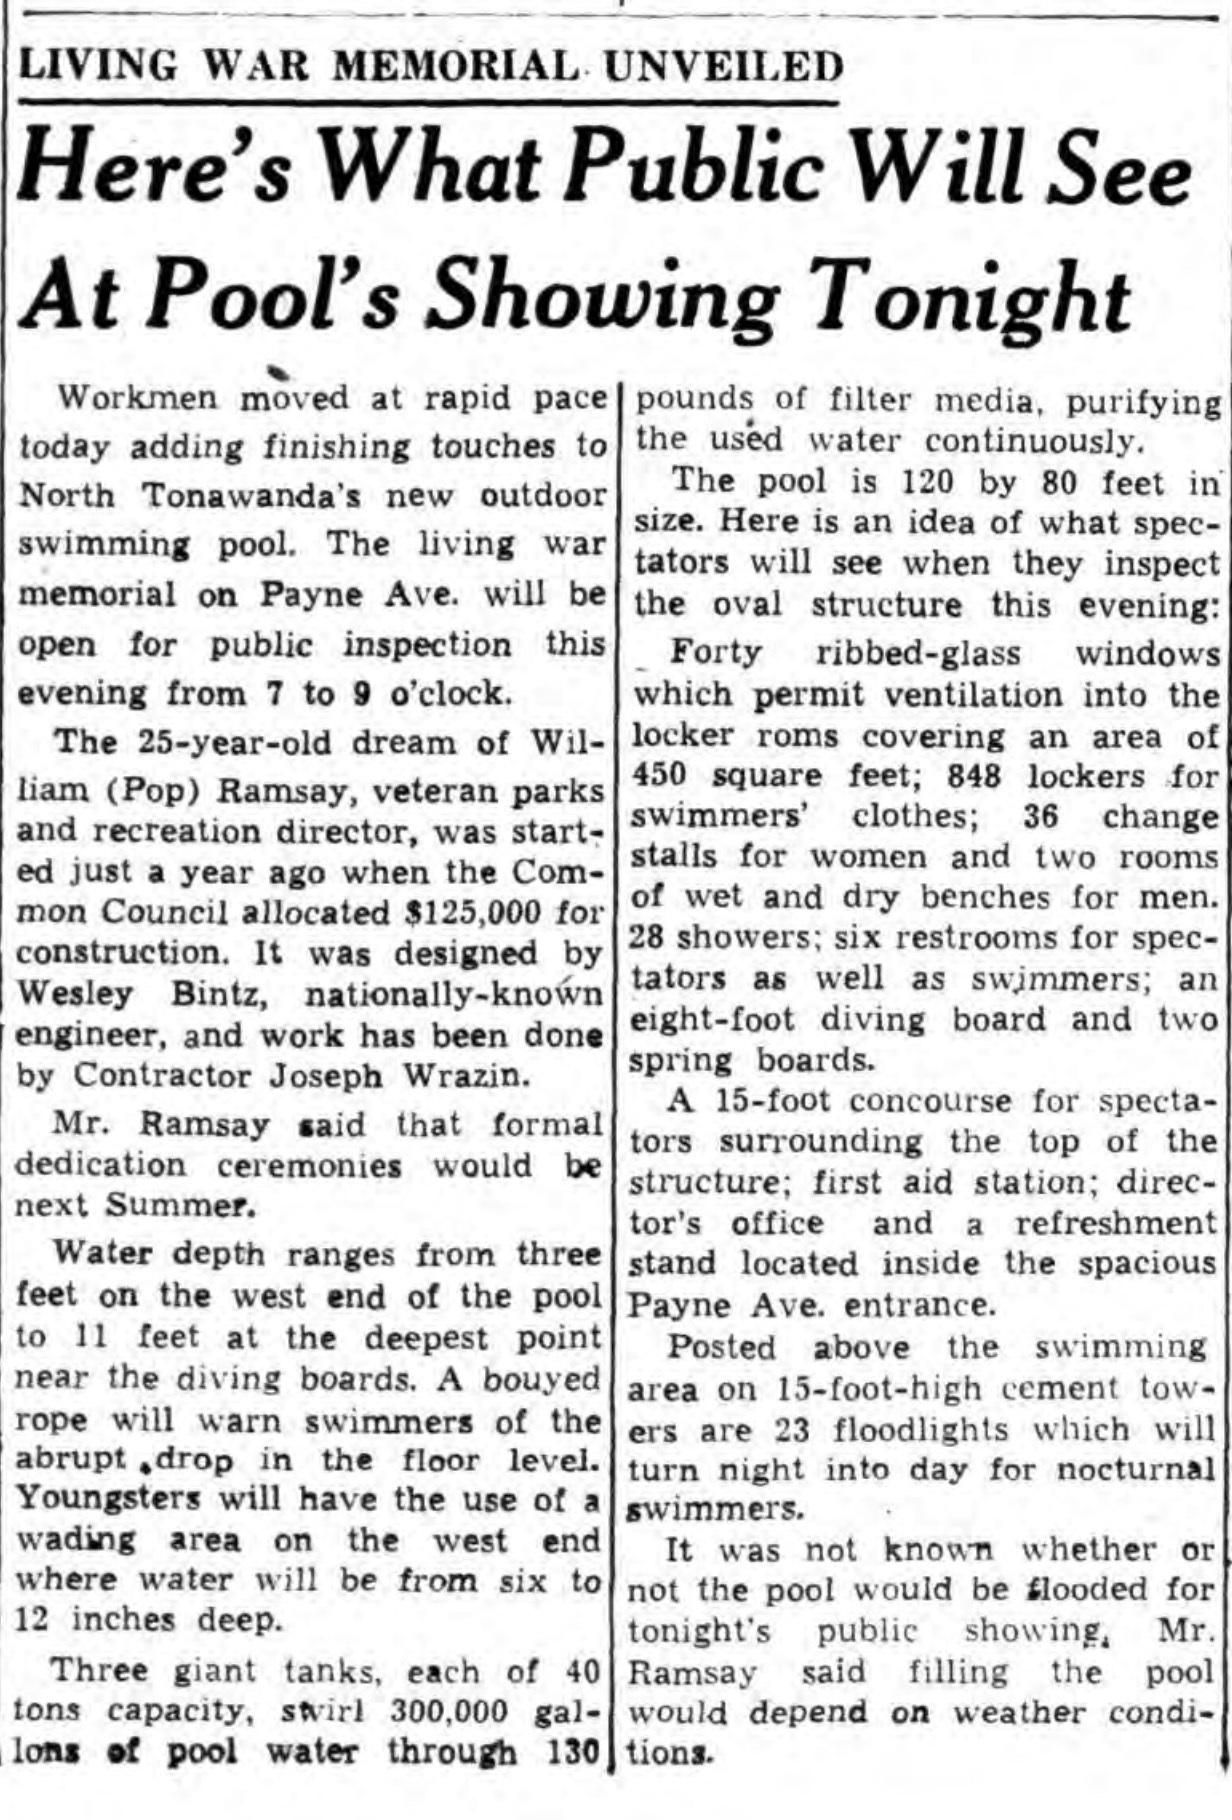 Living war memorial unveiled, Memorial Pool, article (Tonawanda News, 1947-12-02).jpg